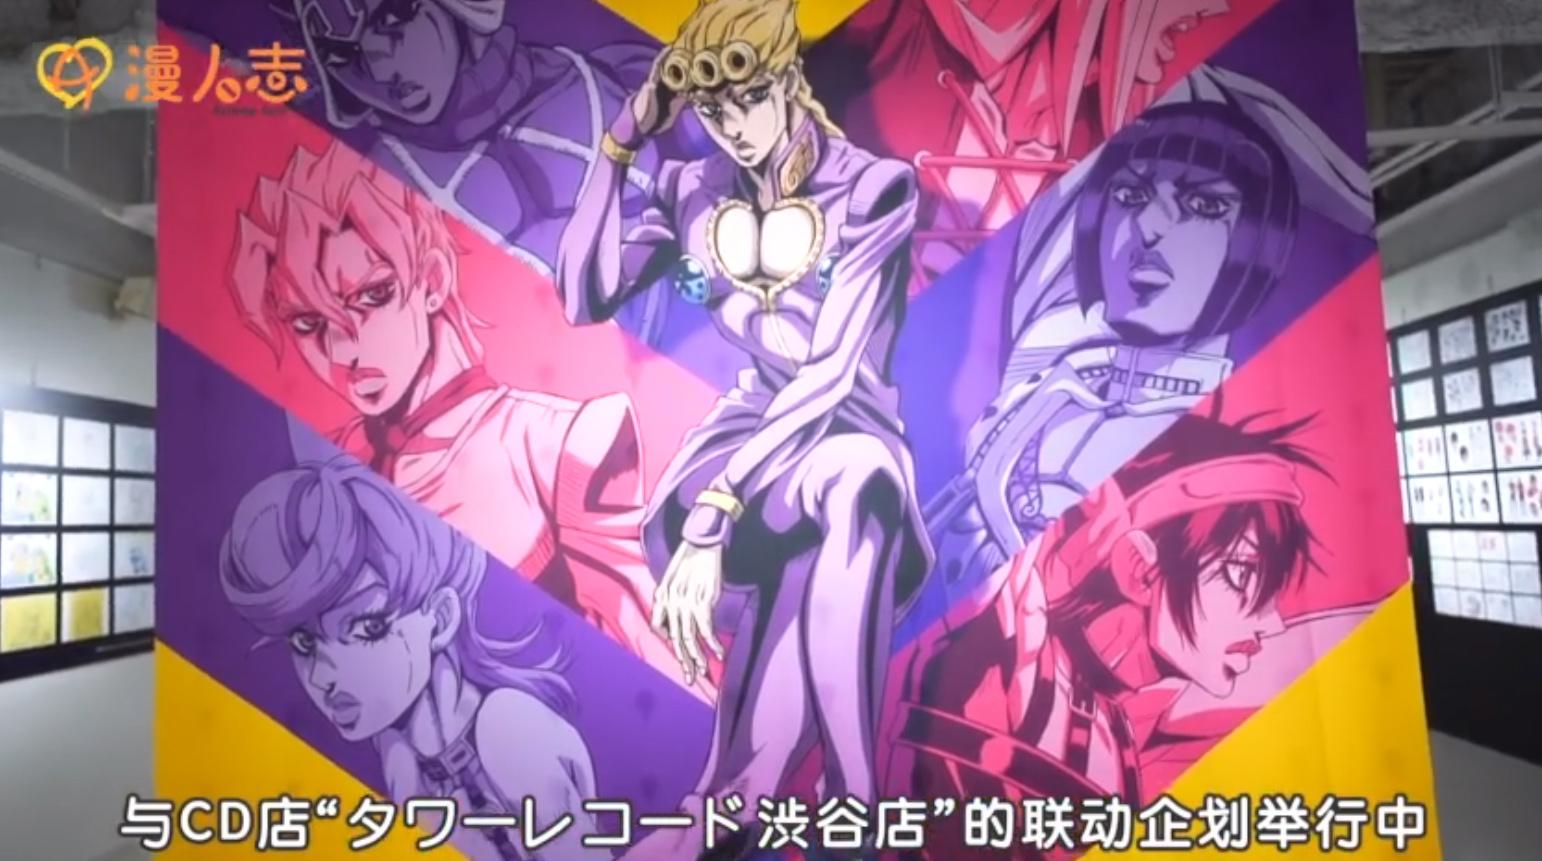 jojo的奇妙冒险黄金之风的动画原画展